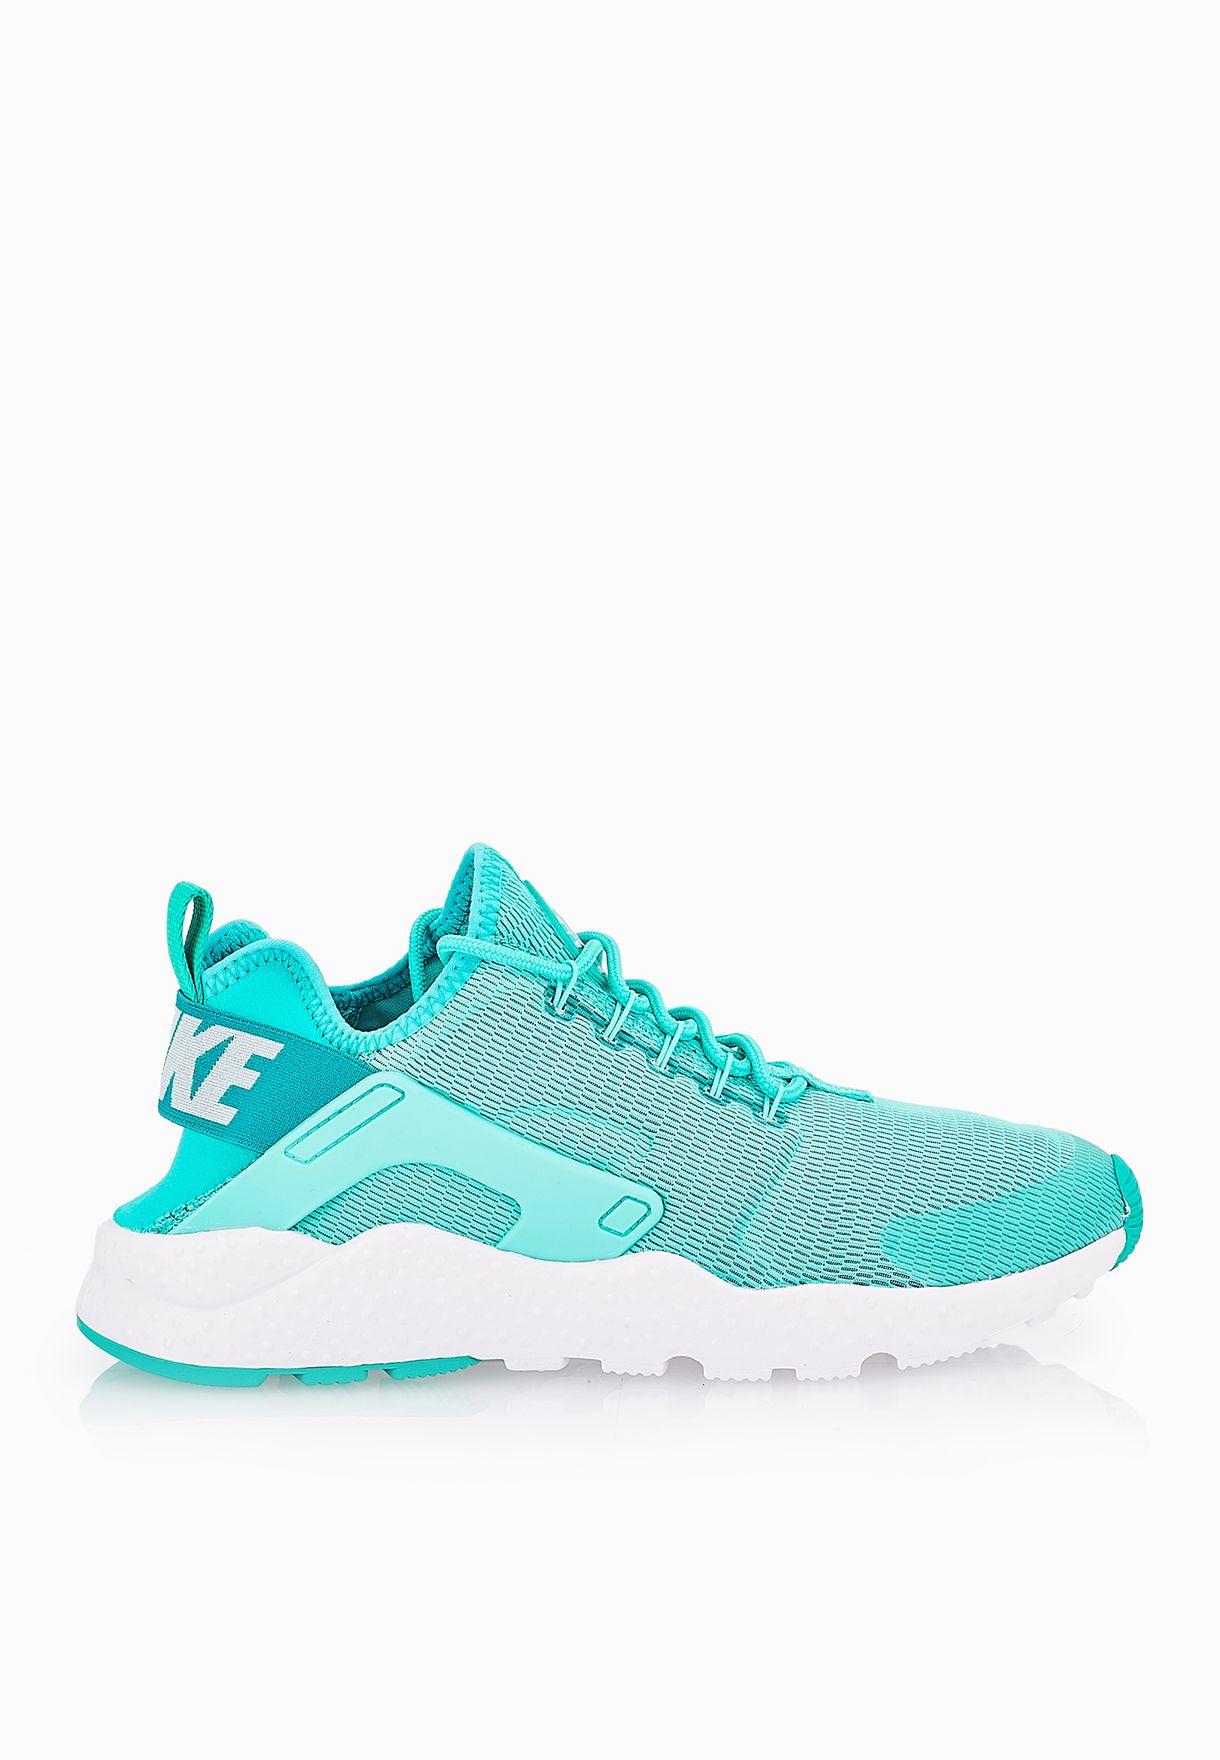 b769cdbfeac0 Shop Nike green Air Huarache Run Ultra 819151-300 for Women in UAE ...